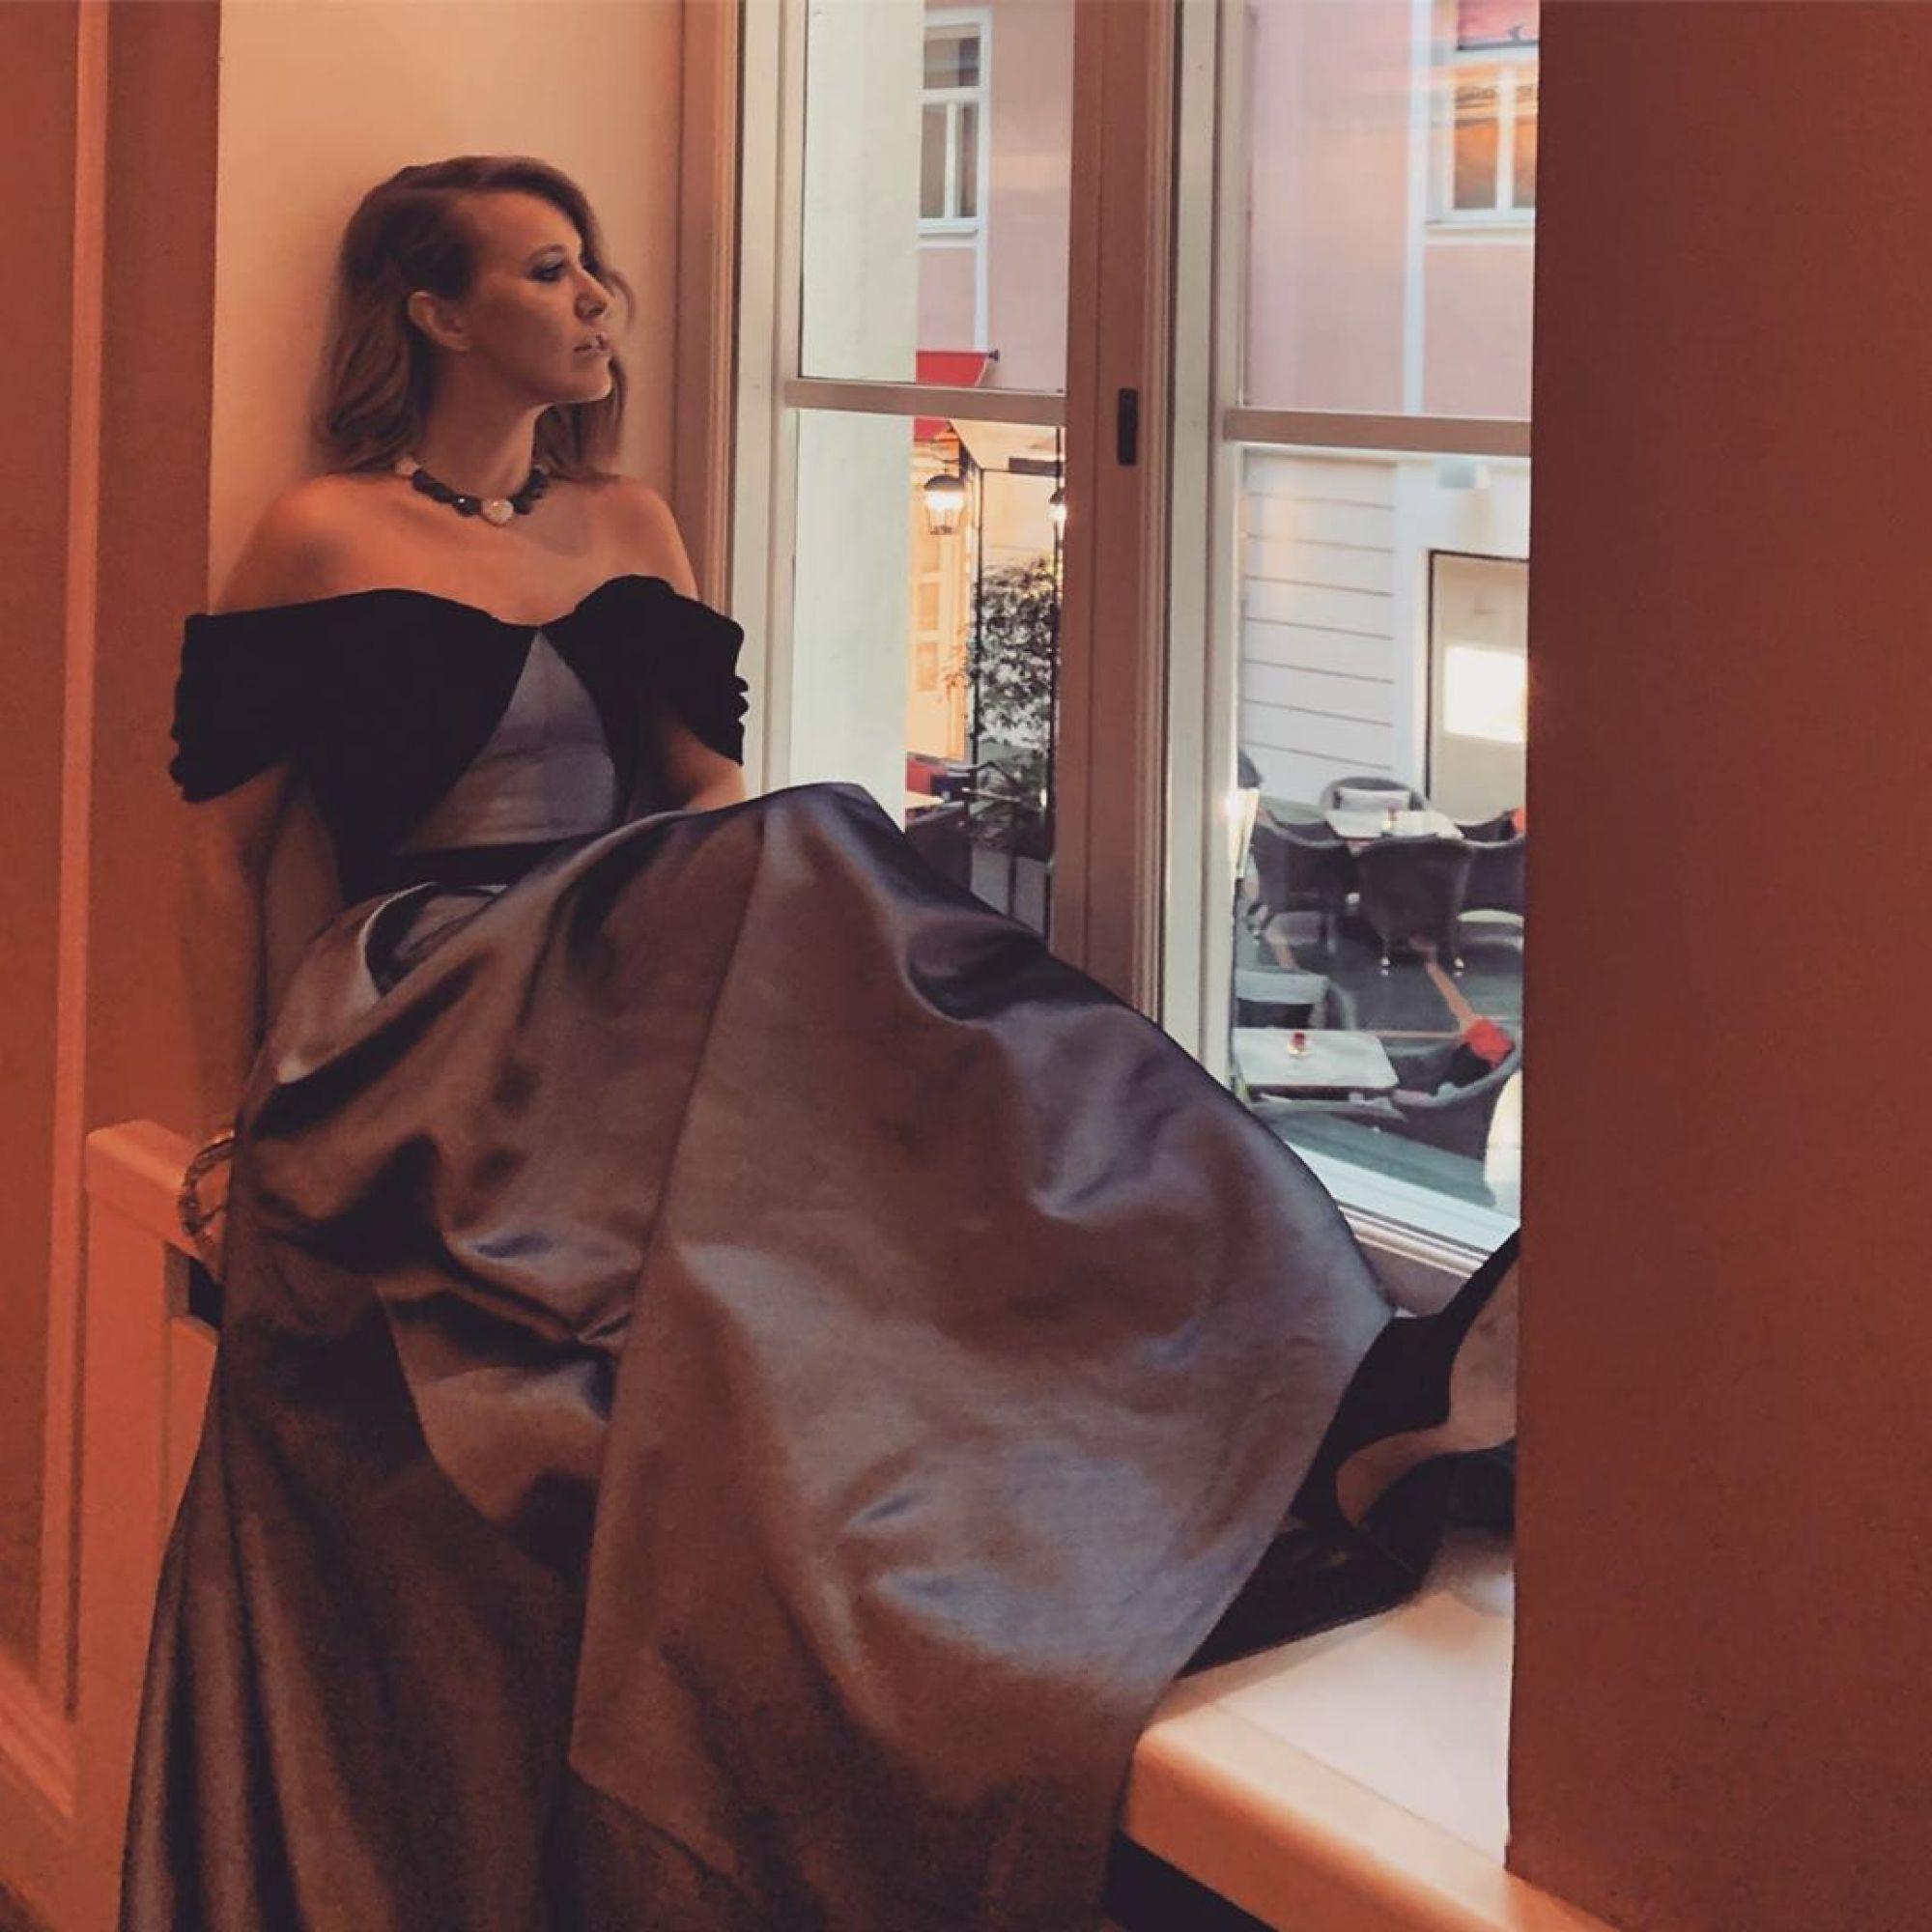 Ксении Собчак не будет: программа «Пусть говорят» определилась с ведущим